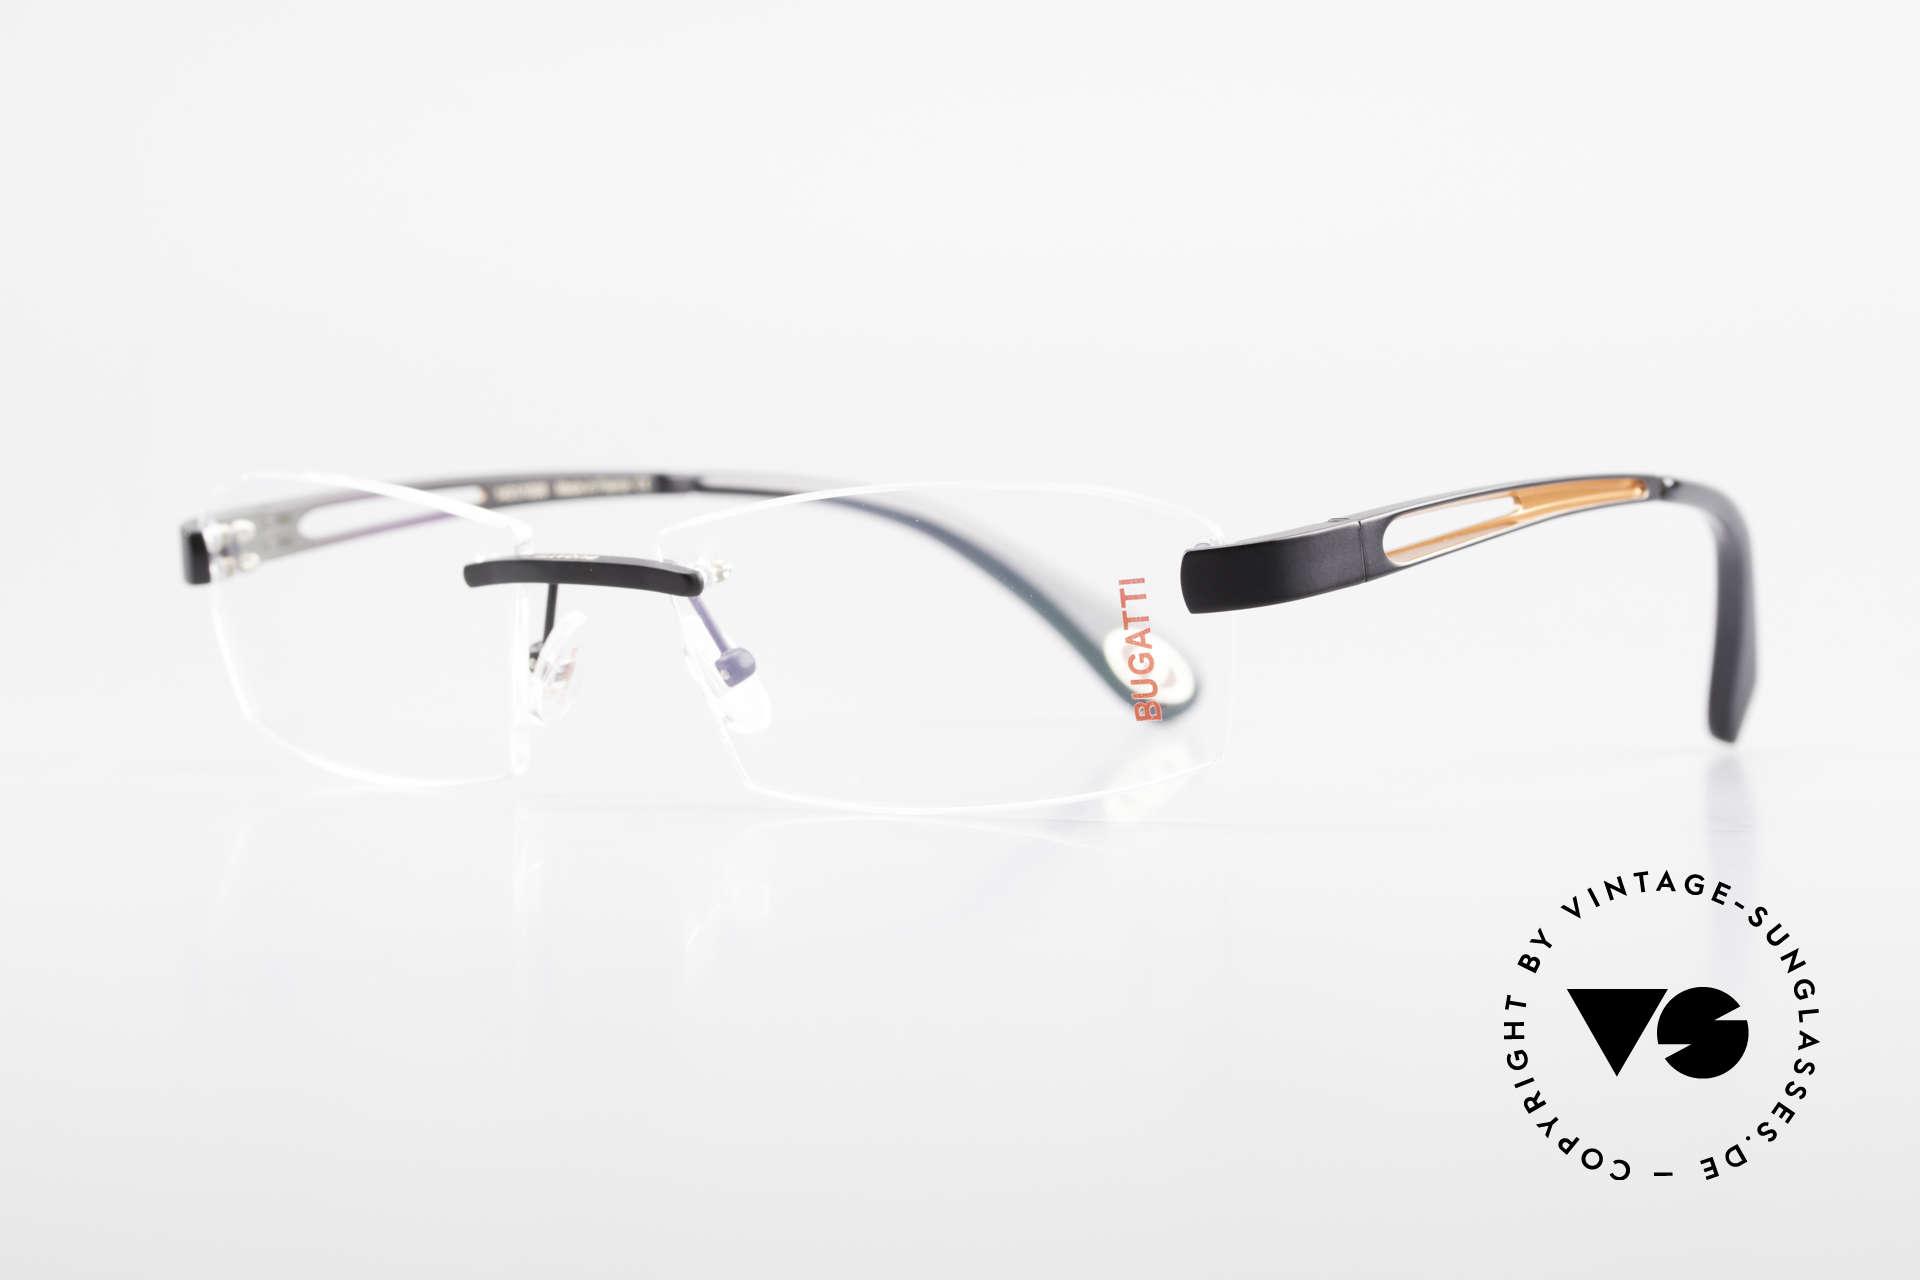 Bugatti 515 Rimless Designer Glasses Men, a noble ORIGINAL by BUGATTI from the late 1990's, Made for Men